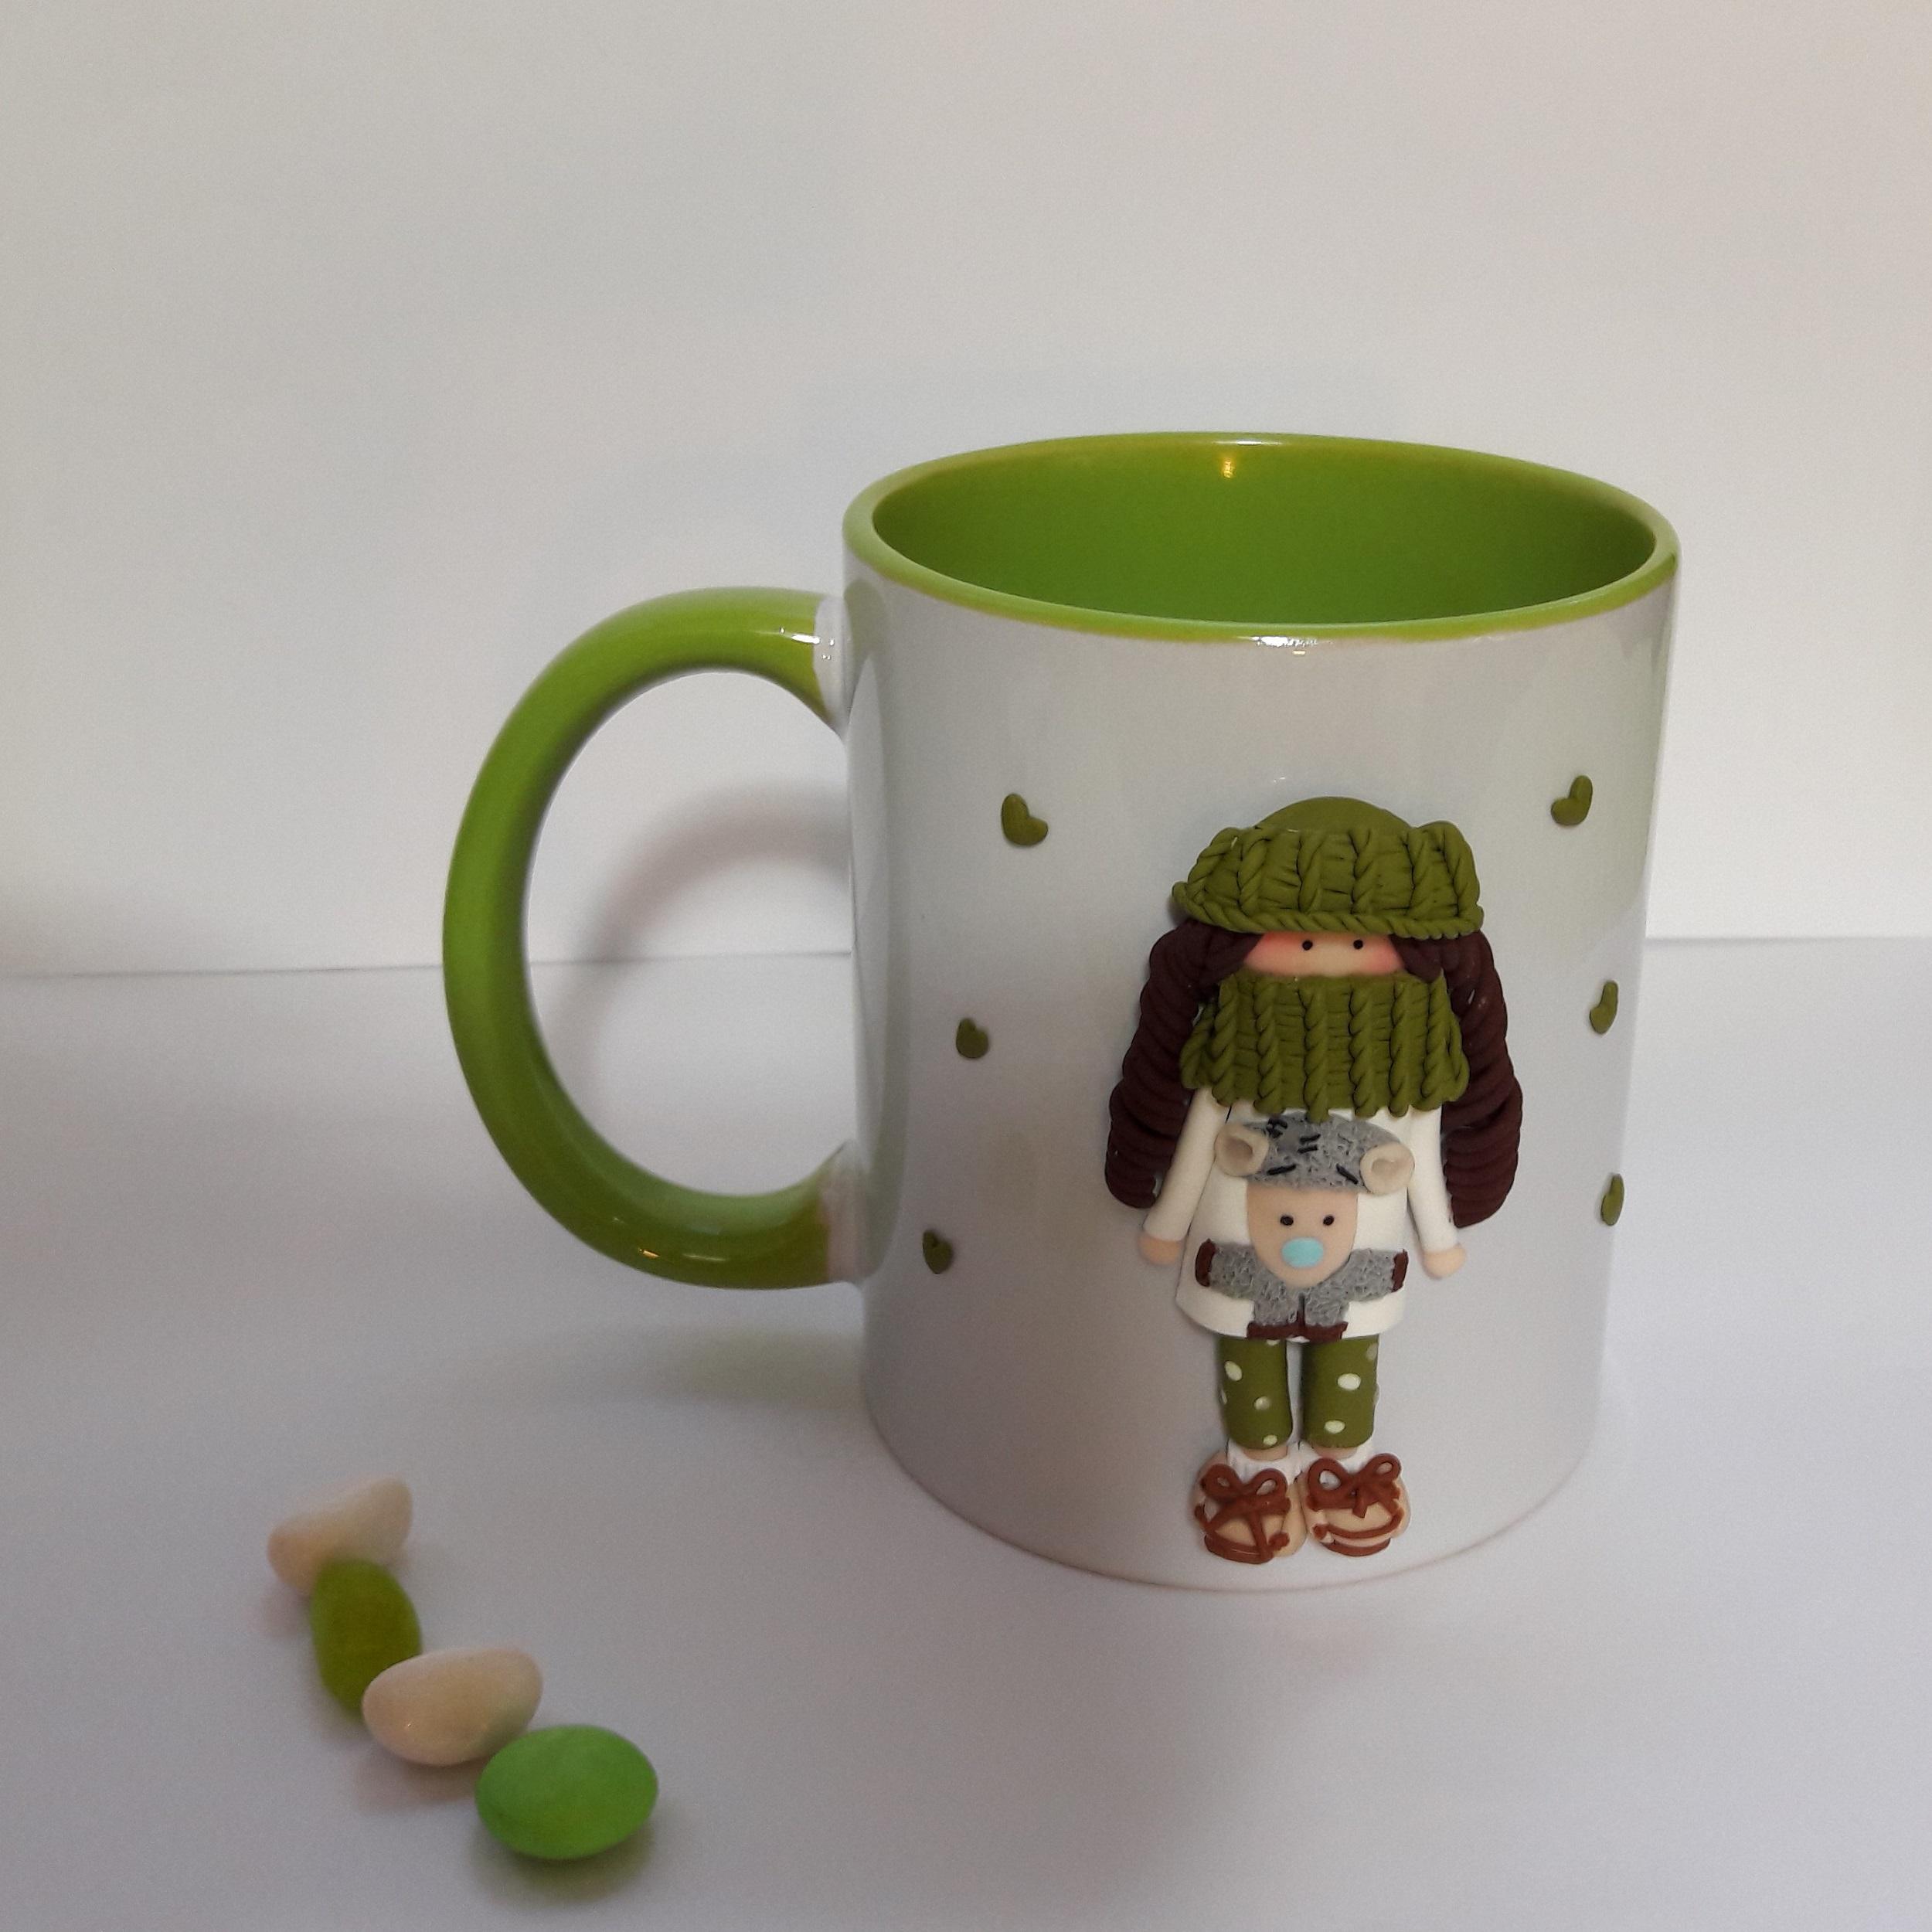 ماگ گالری سنجاق قفلی طرح دختر عروسکی مدل Fimo GHandak G39